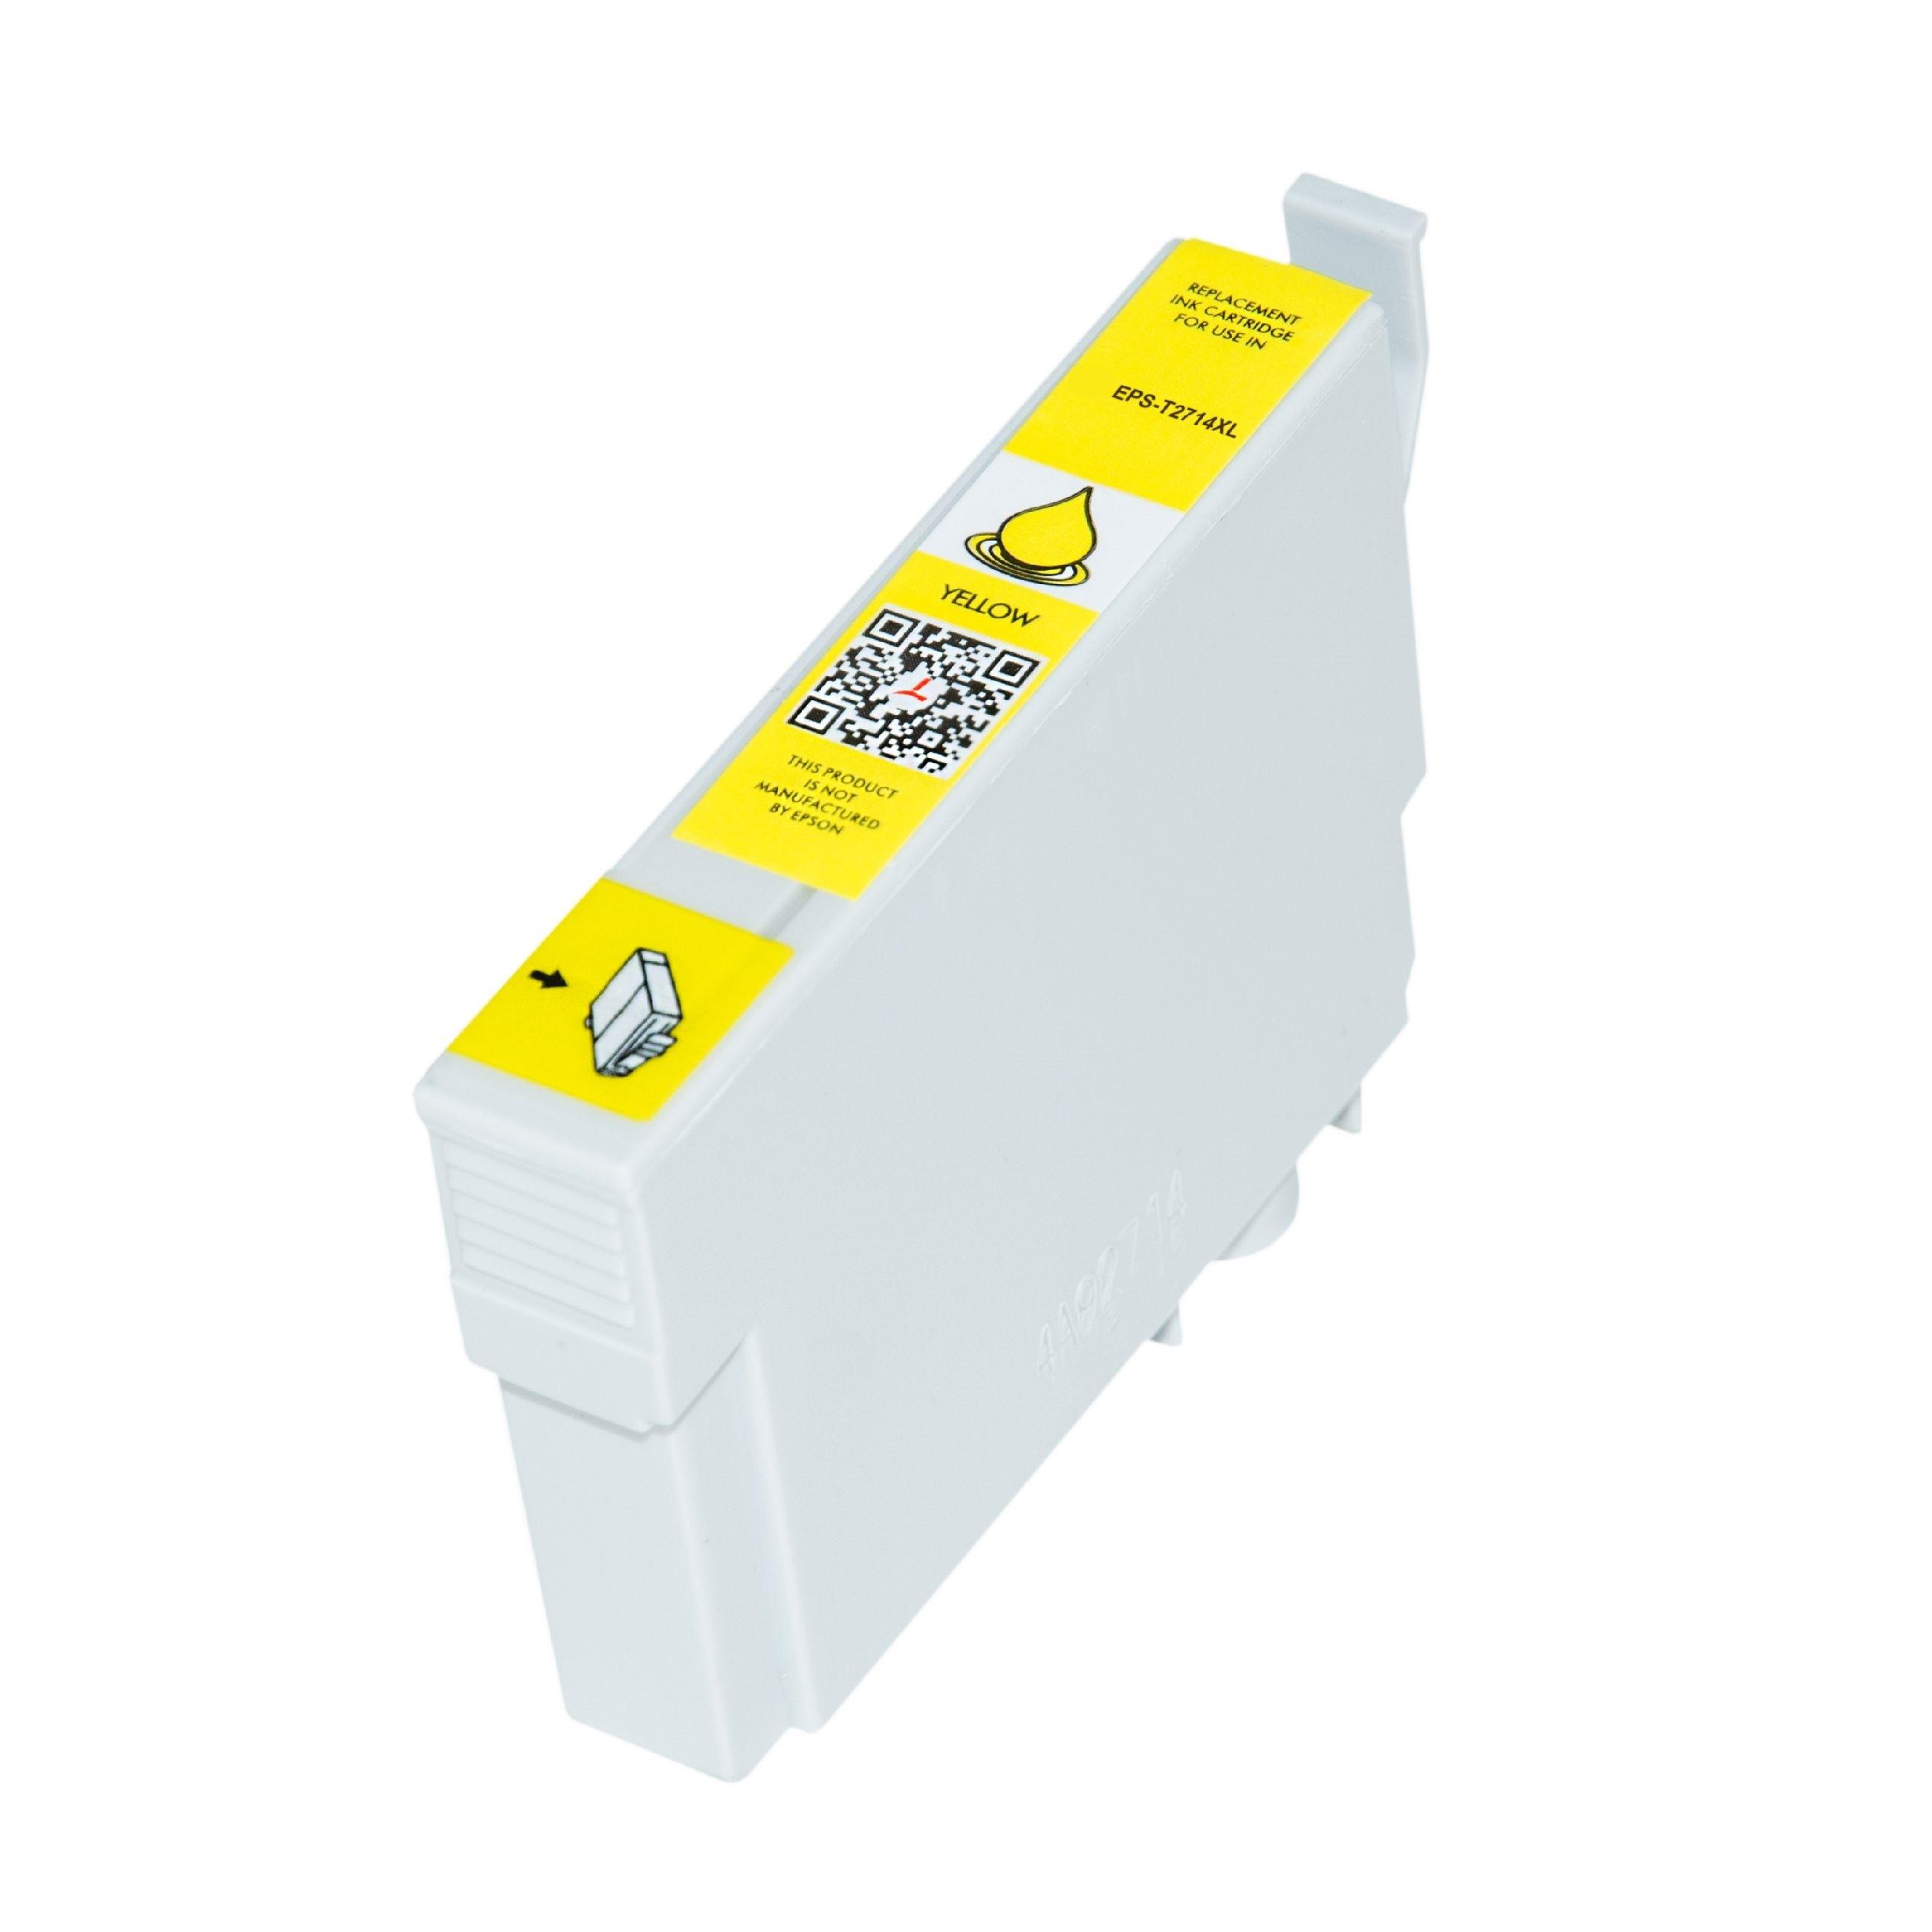 Bild fuer den Artikel IC-EPST2714ye: Alternativ Tinte Epson 27XL C13T27144010 in gelb